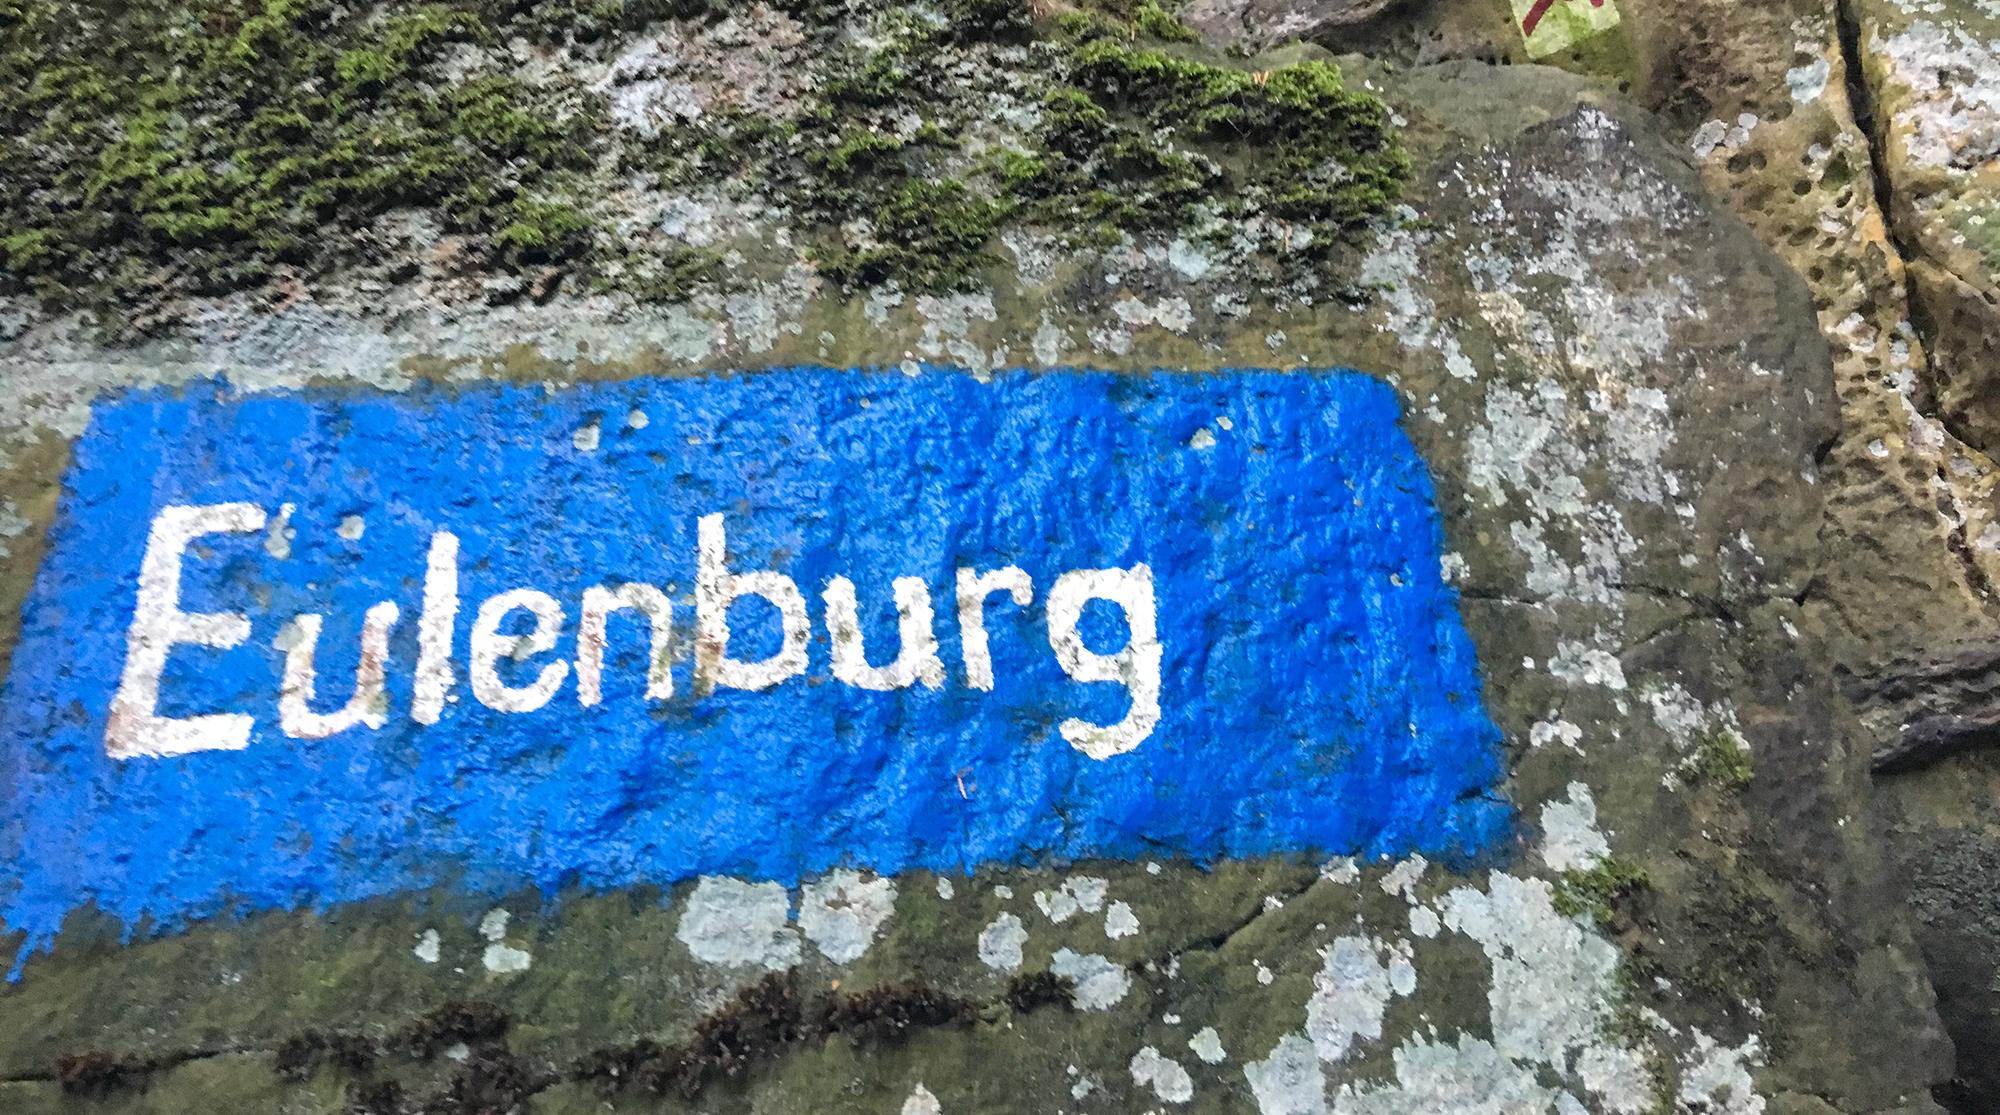 Auf Felsen gemalter Schriftzug Eulenburg